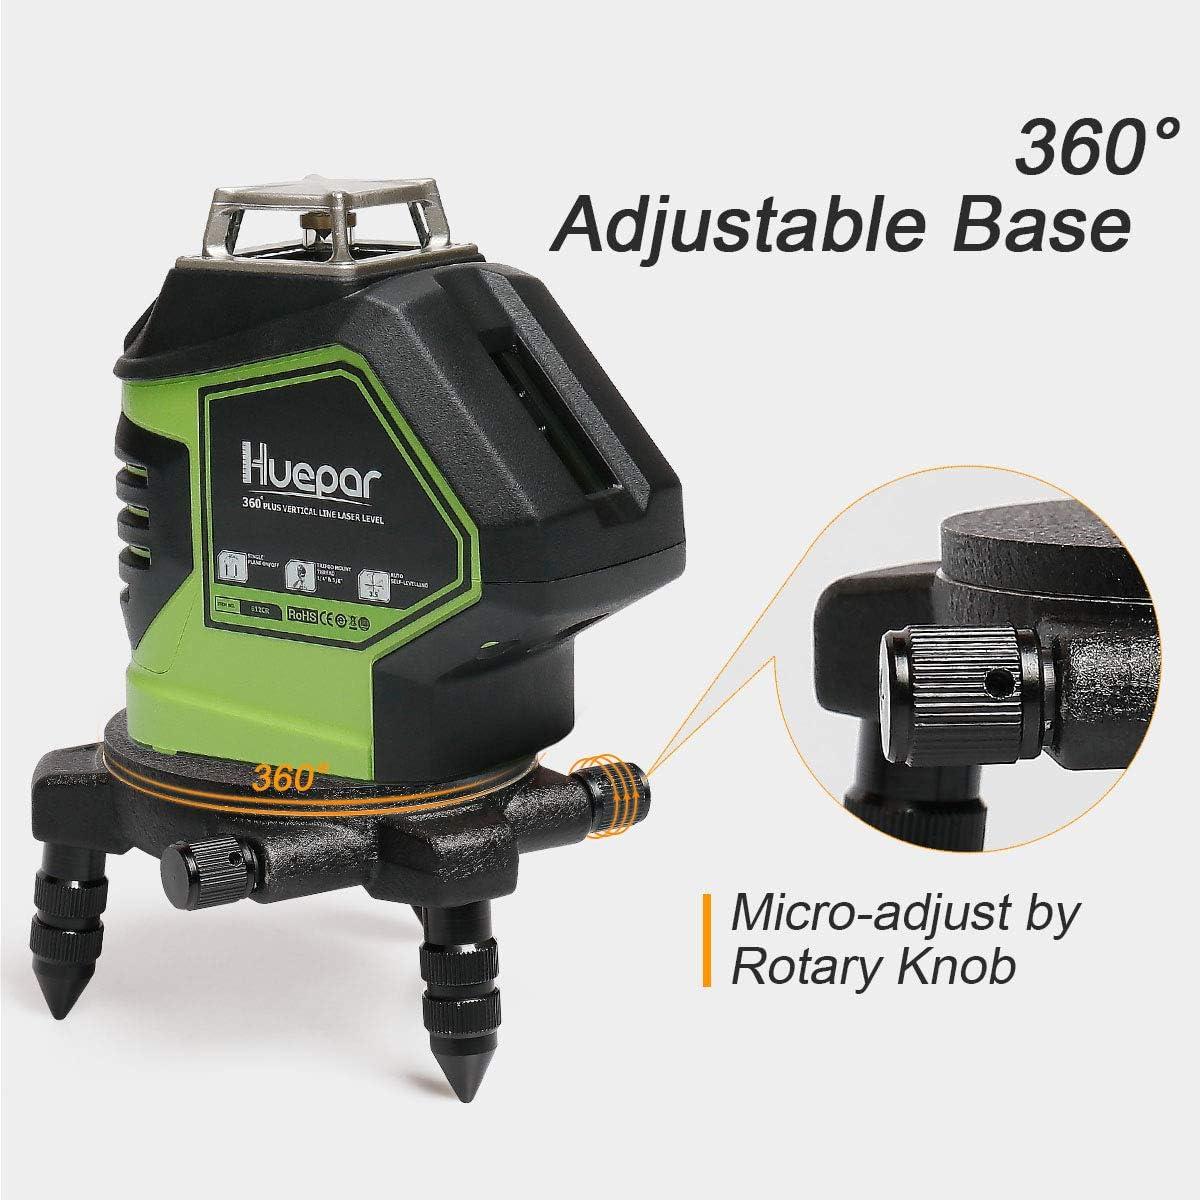 con montaje roscado est/ándar de 5//8 operado manualmente base giratoria base giratoria de 360/° para el conector de tr/ípode de nivel l/áser de l/ínea Adaptador de nivel l/áser Huepar PV7